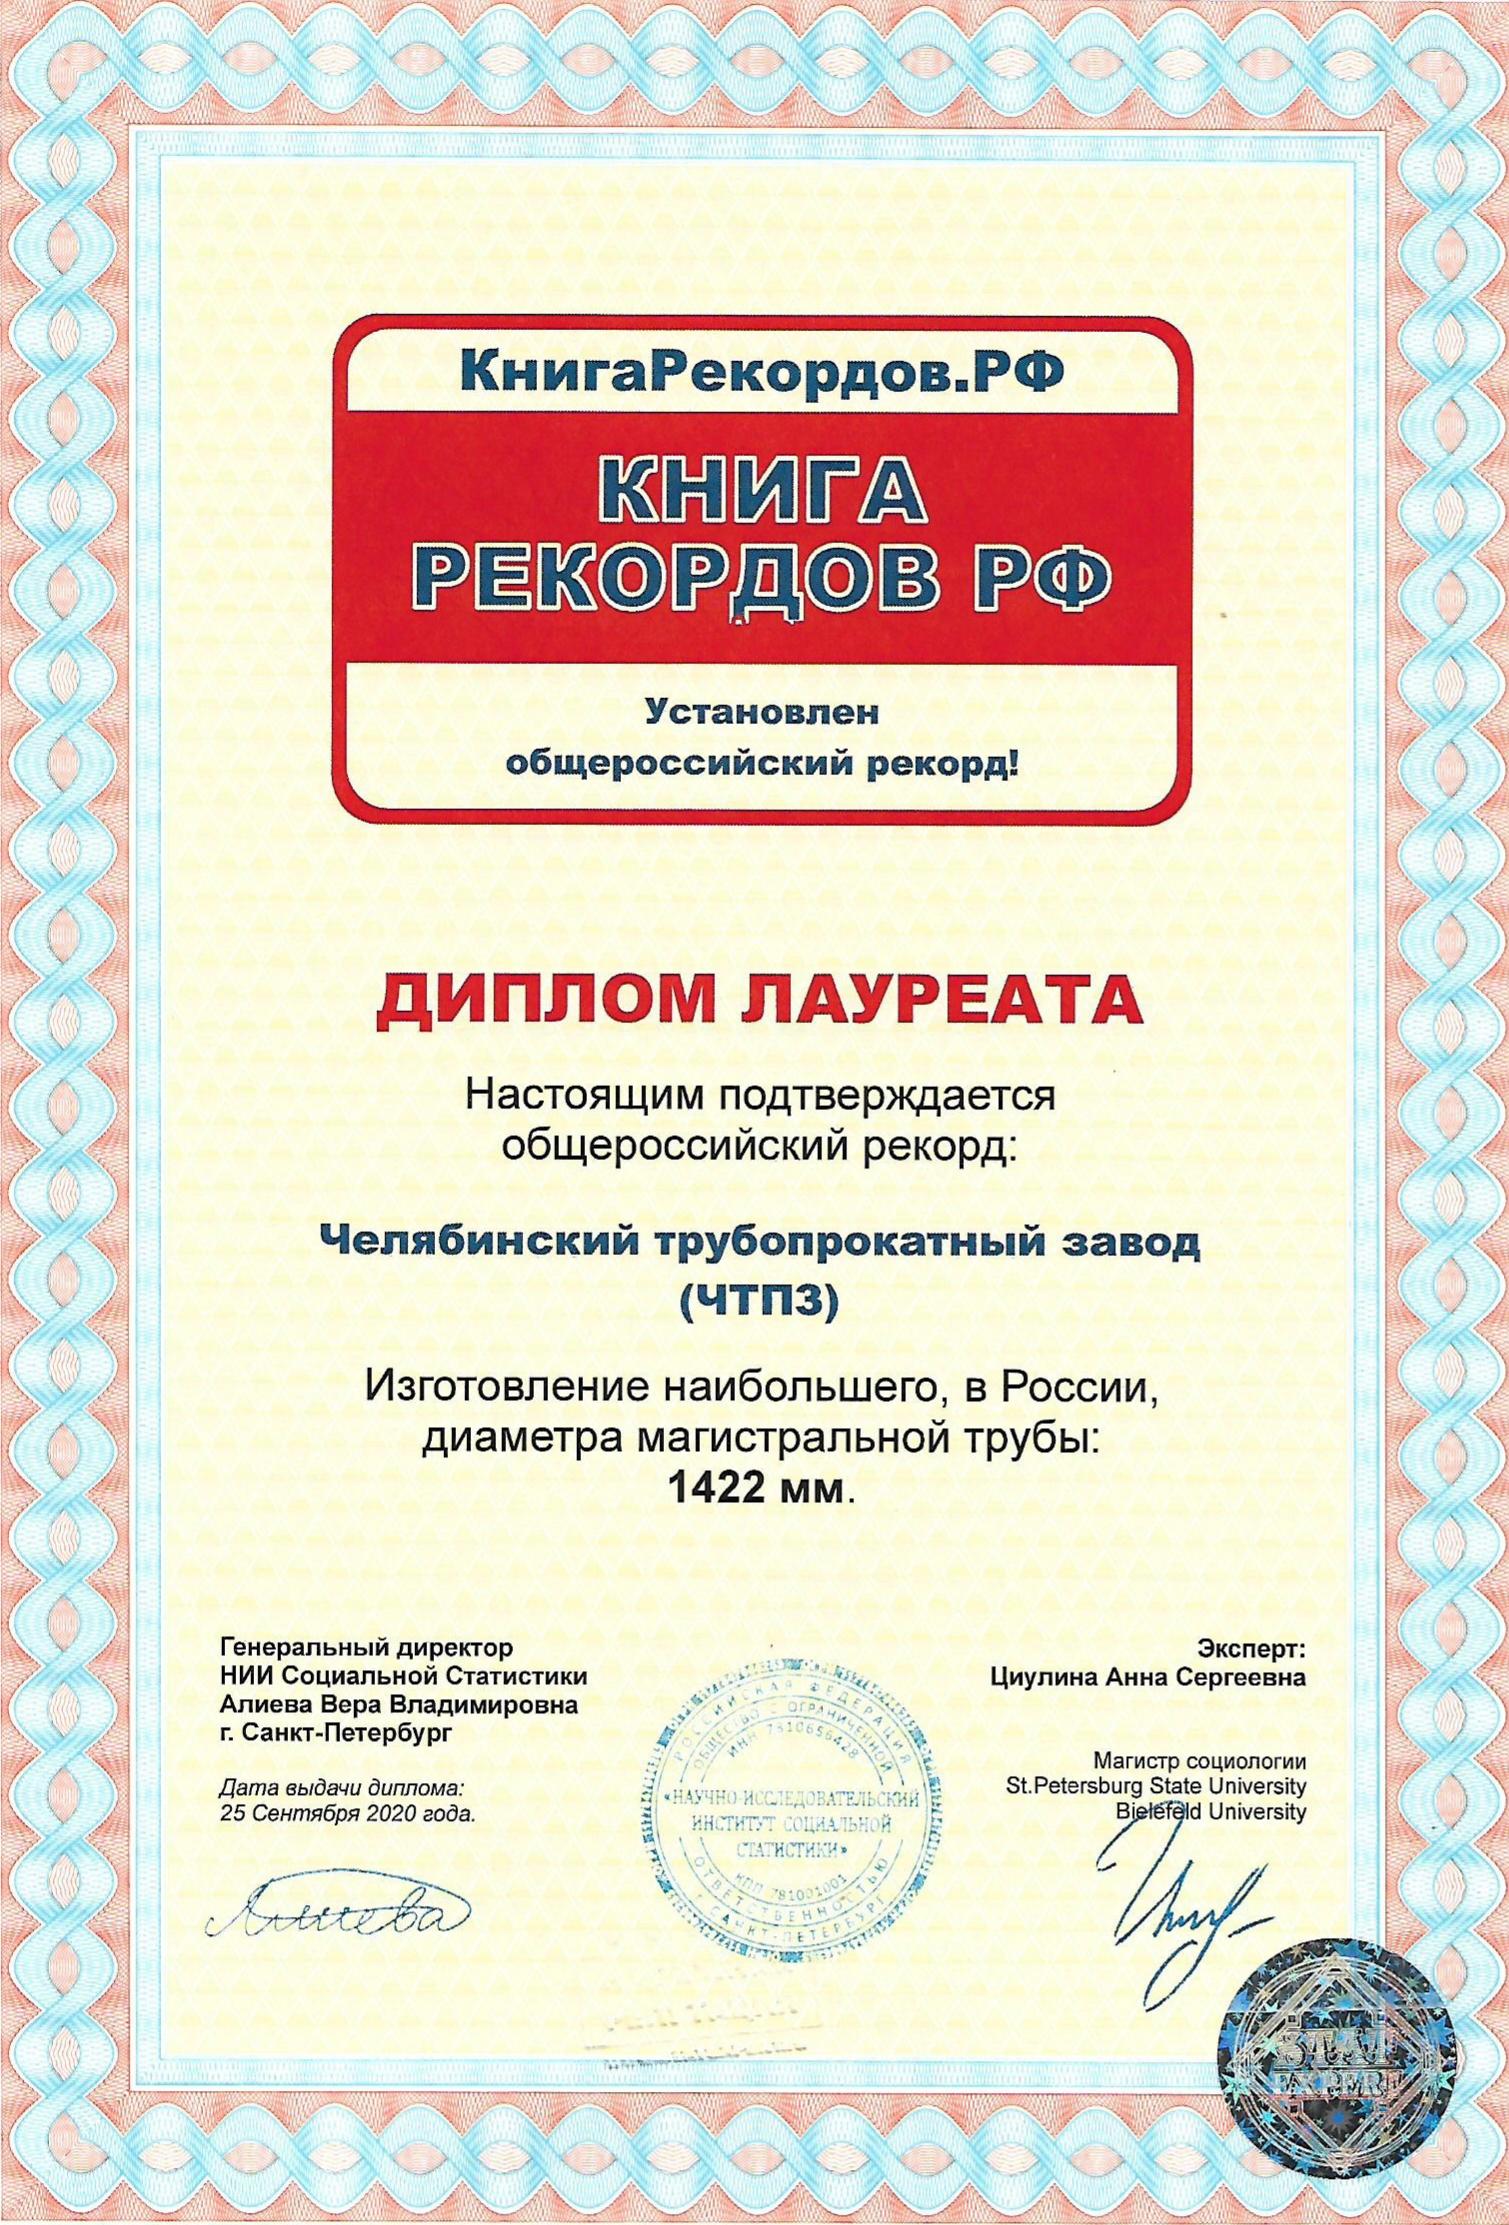 Самый большой в России диаметр магистральной трубы